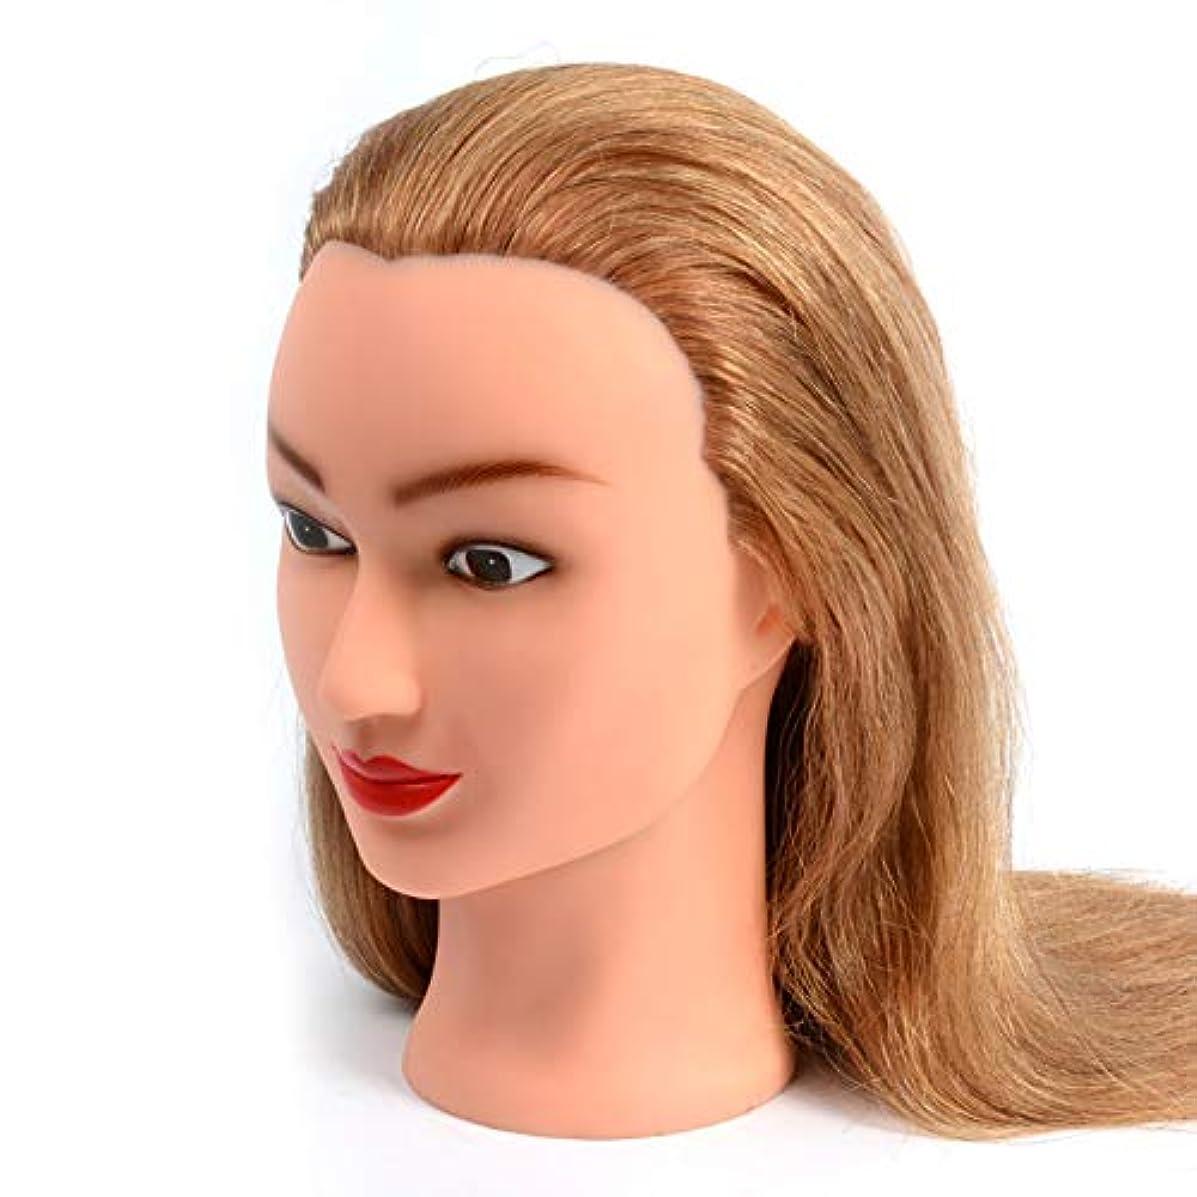 提供気怠いナビゲーションブライダルメイクスタイリング練習モデル美容院散髪学習ダミーヘッドは染色することができますし、漂白ティーチングヘッド